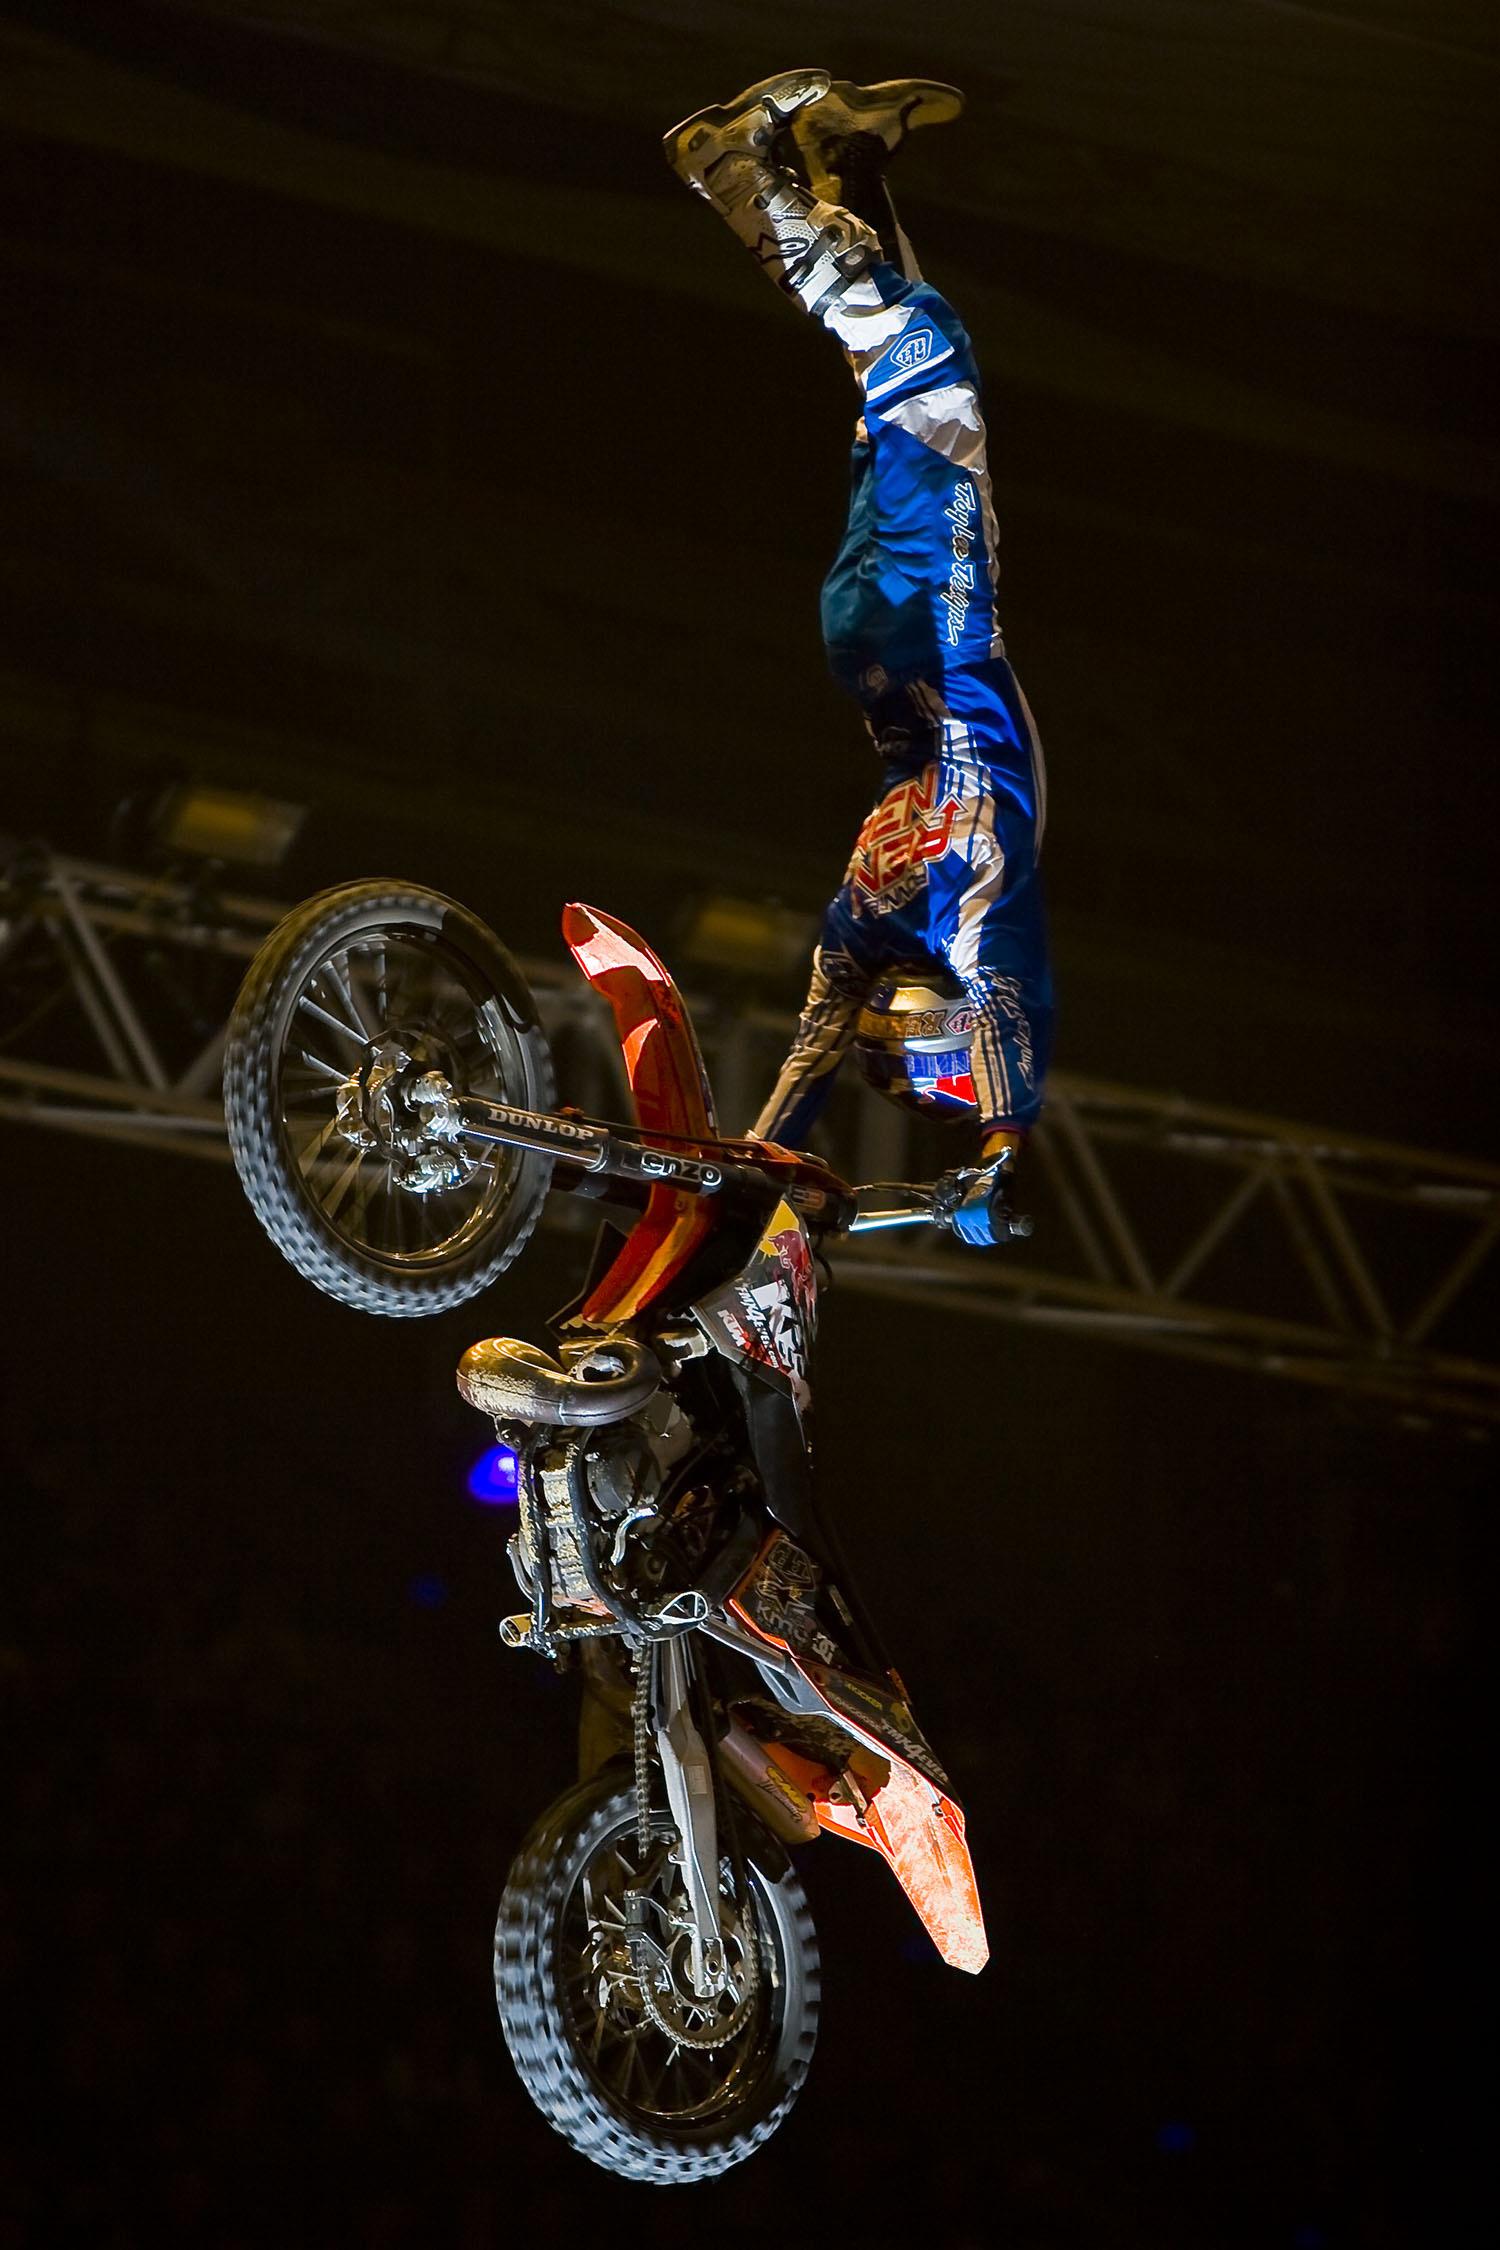 Masters-of-Dirt Waghalsiger Stunt am Motorrad Sprung kopfüber